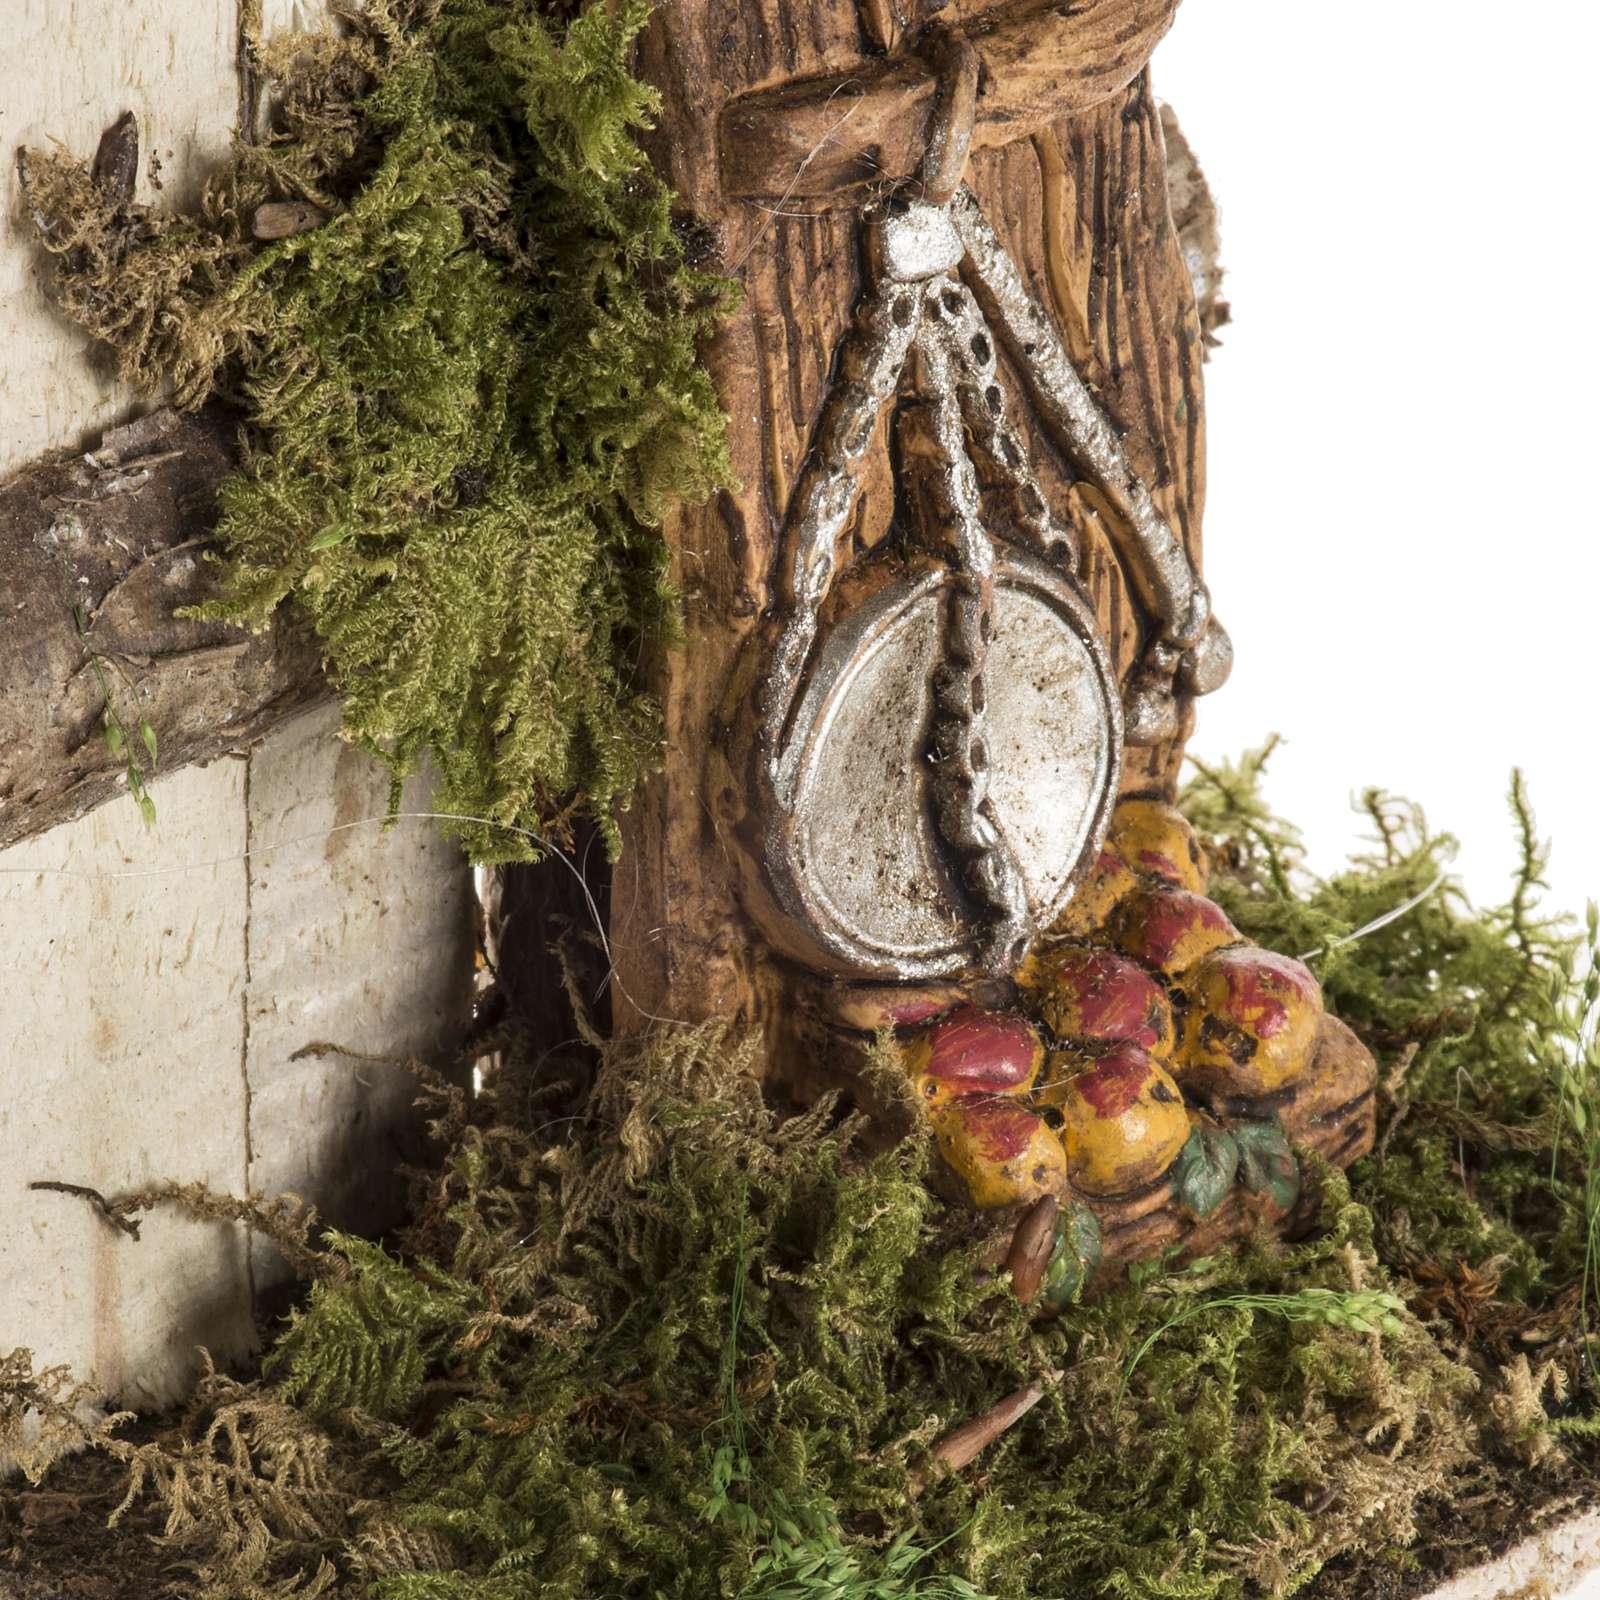 Milieu crèche Noel avec troncs et balance 4